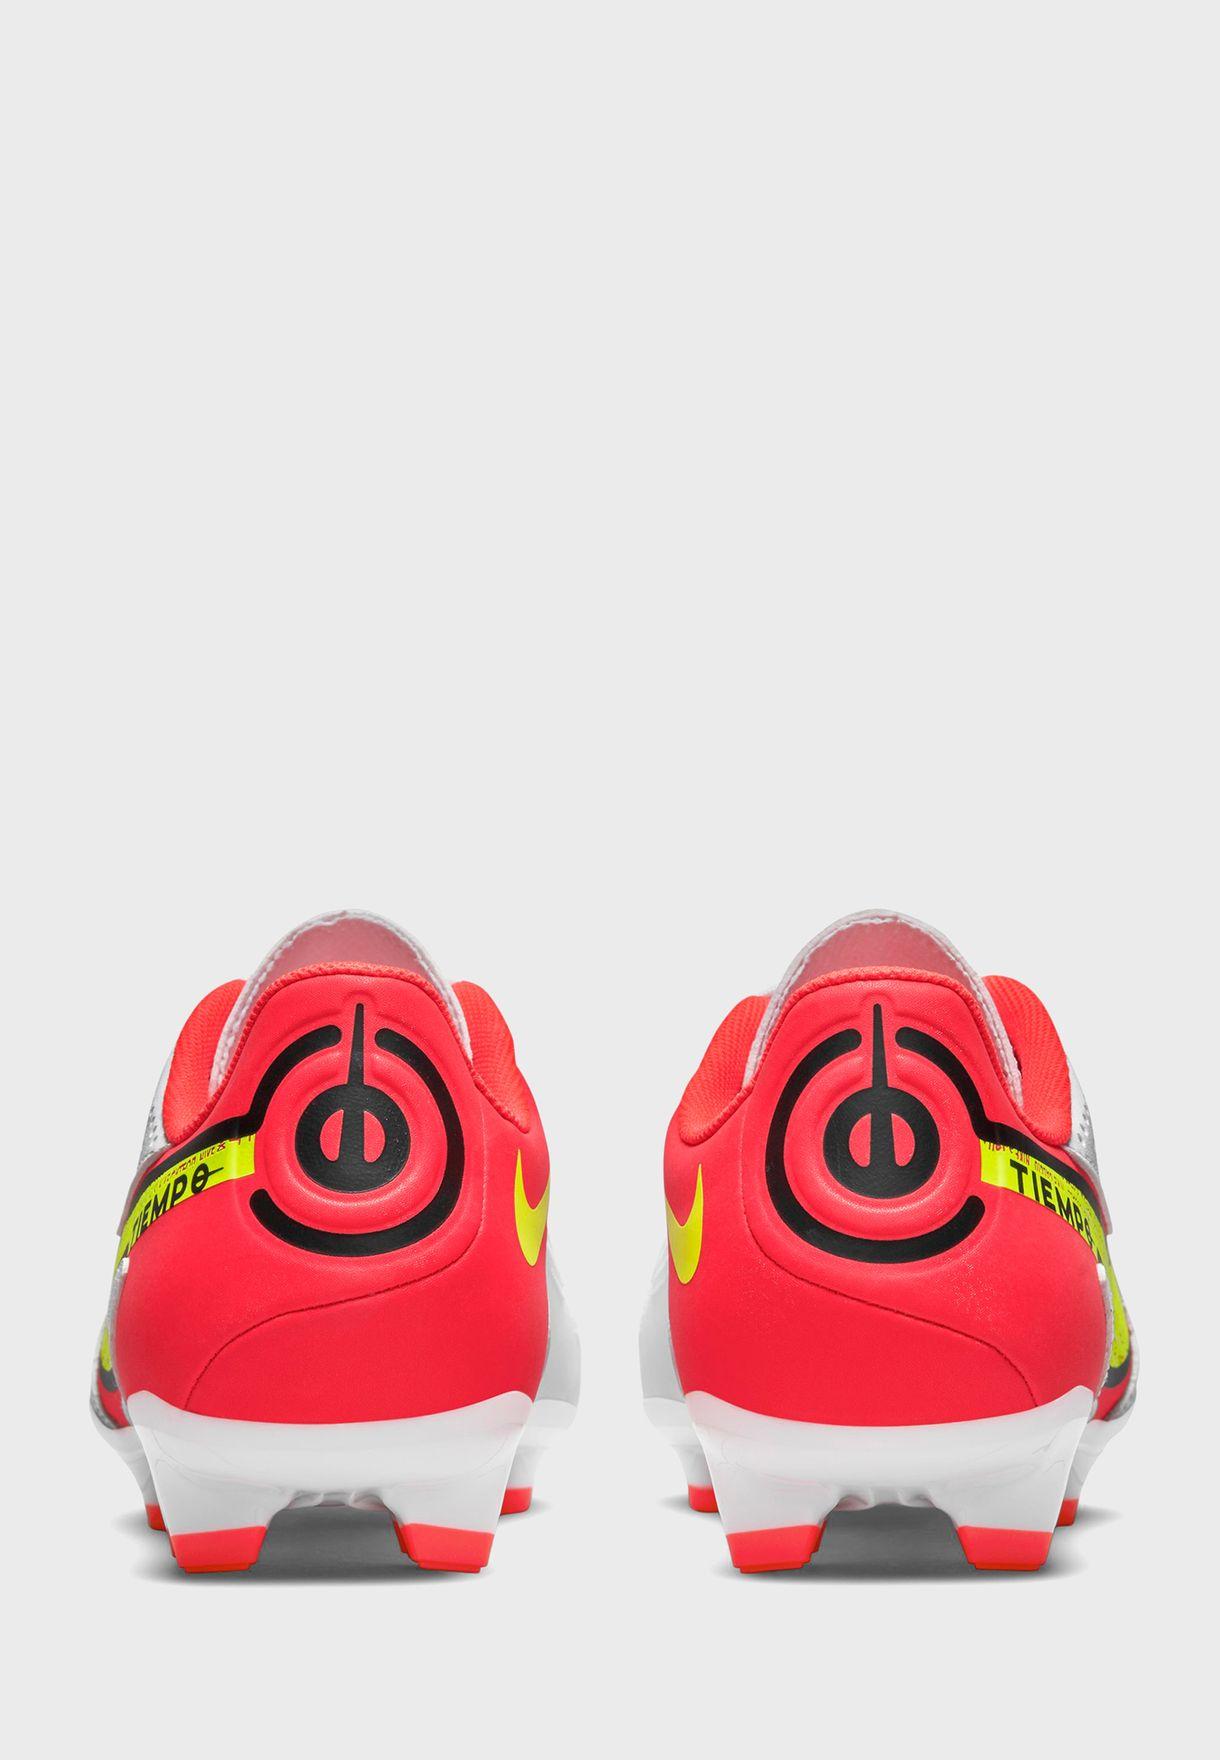 حذاء ليجند 9 اكاديمي اف جي/ام جي